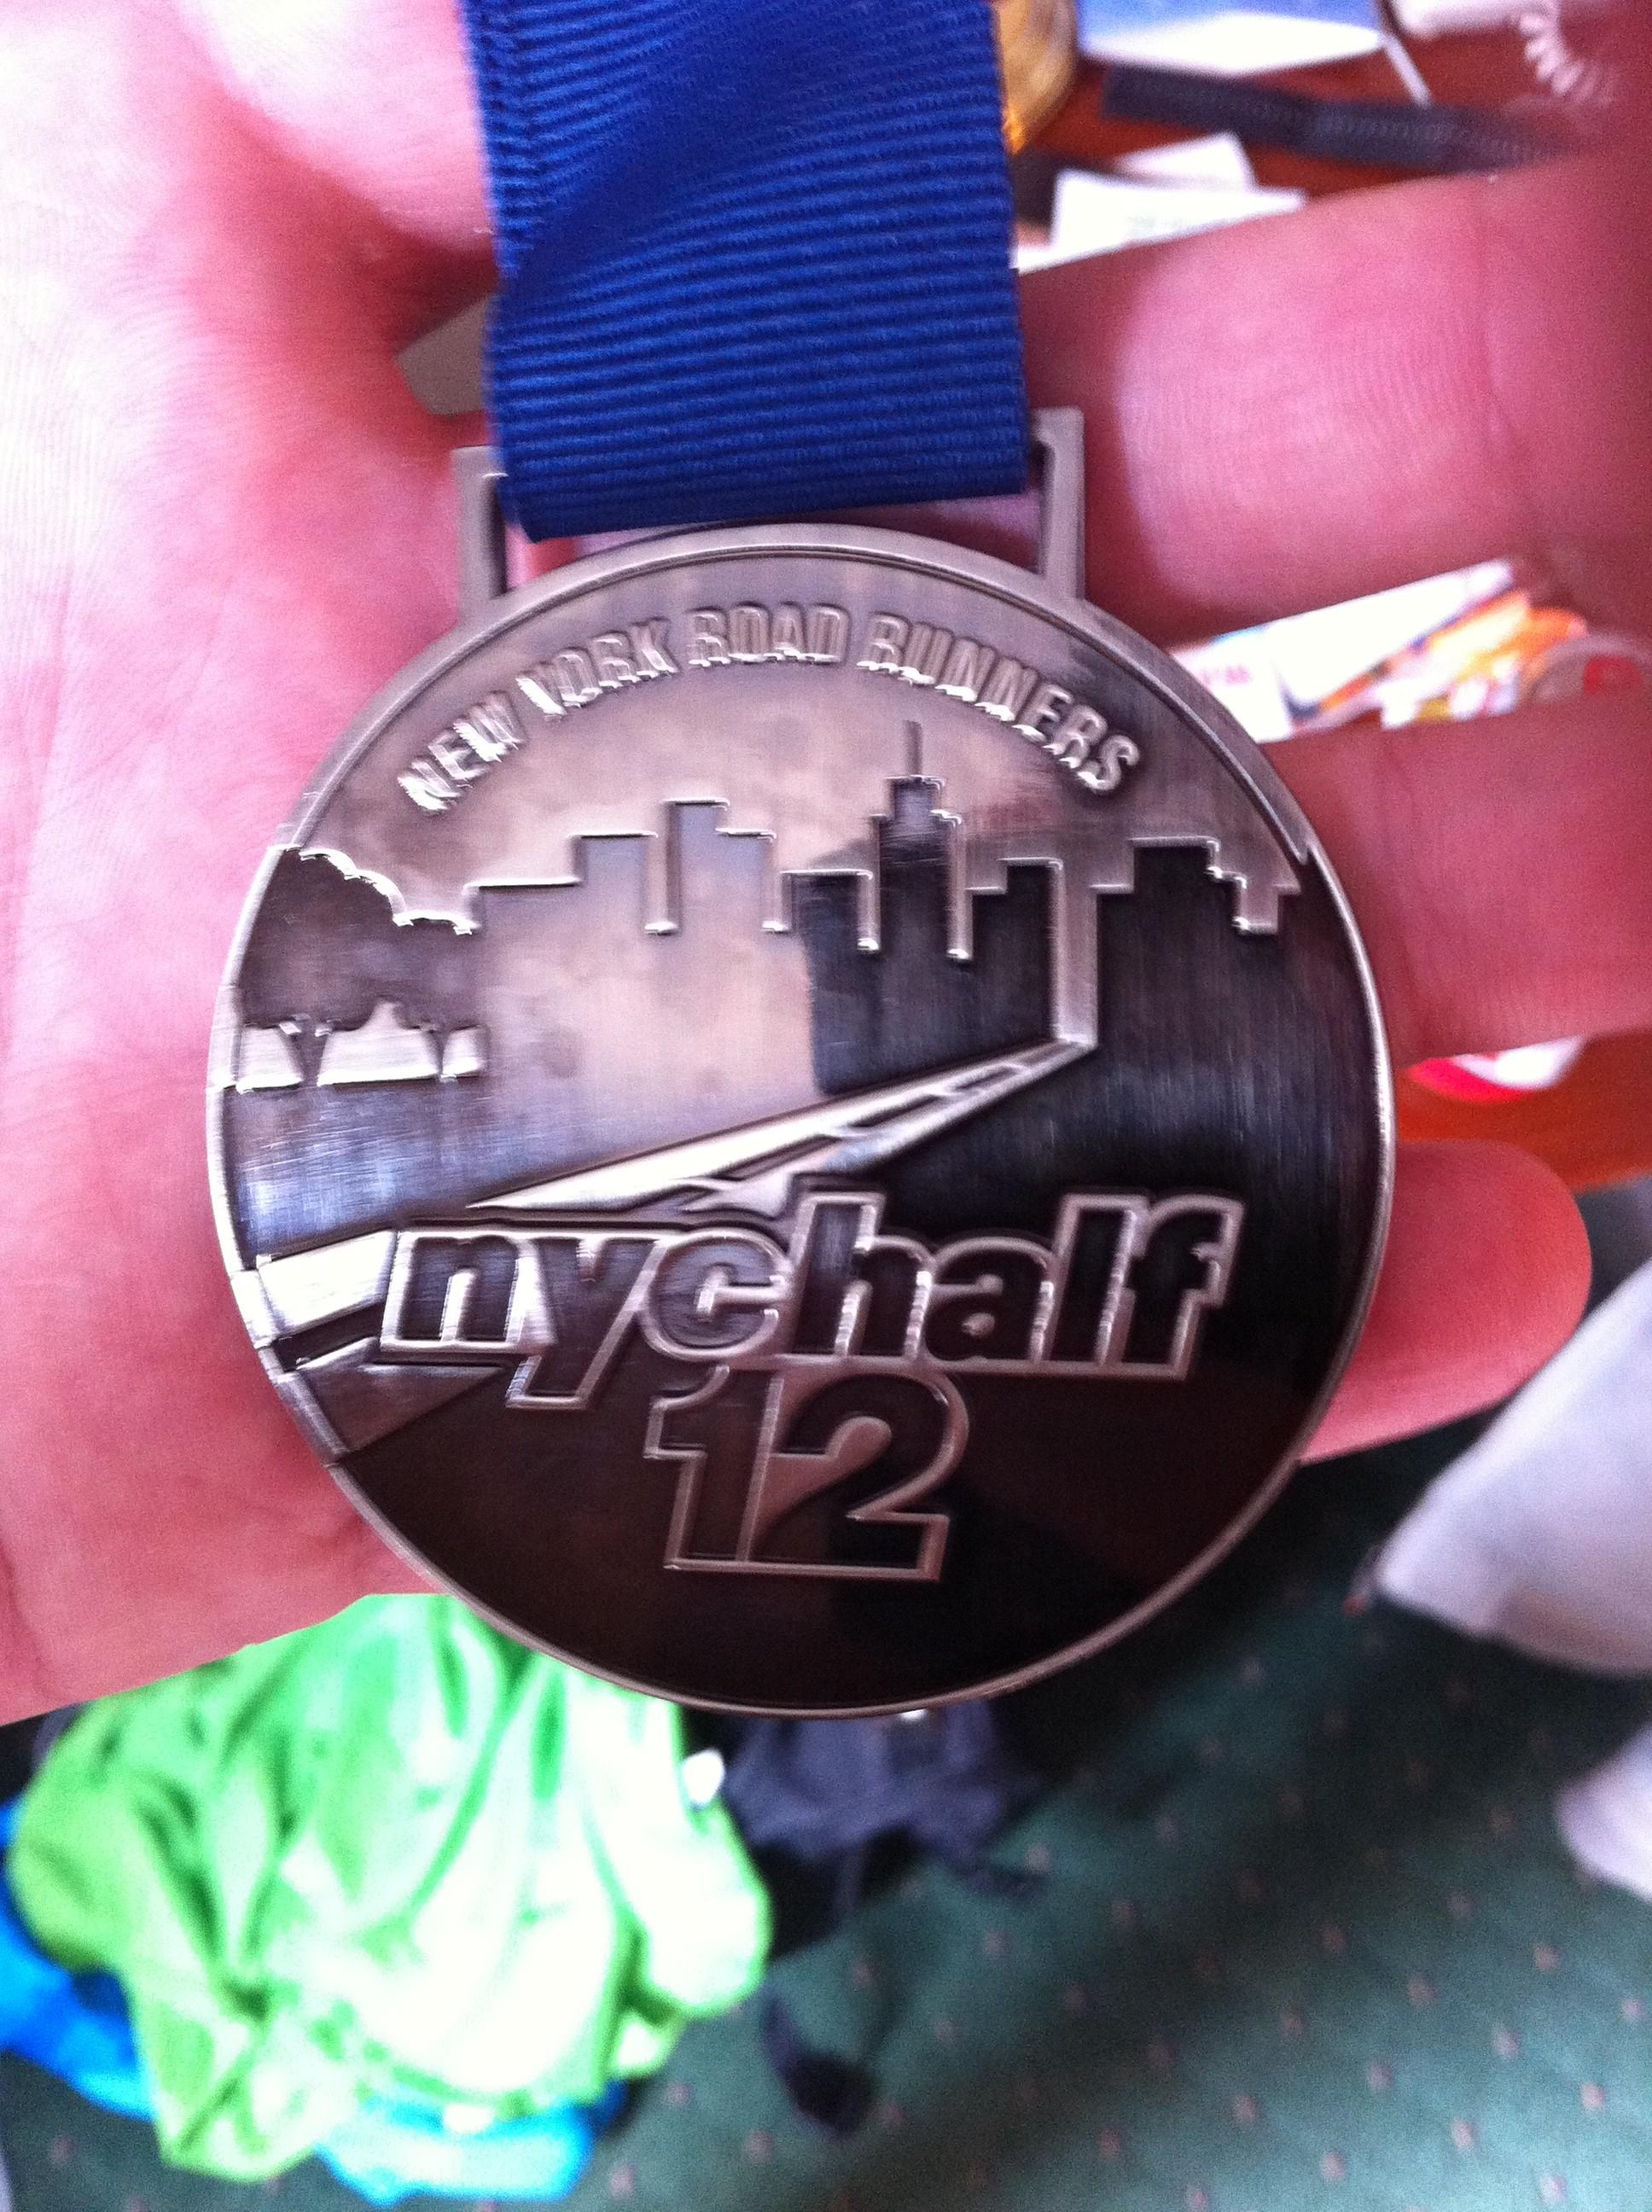 Medalla Media Maratón Nueva York